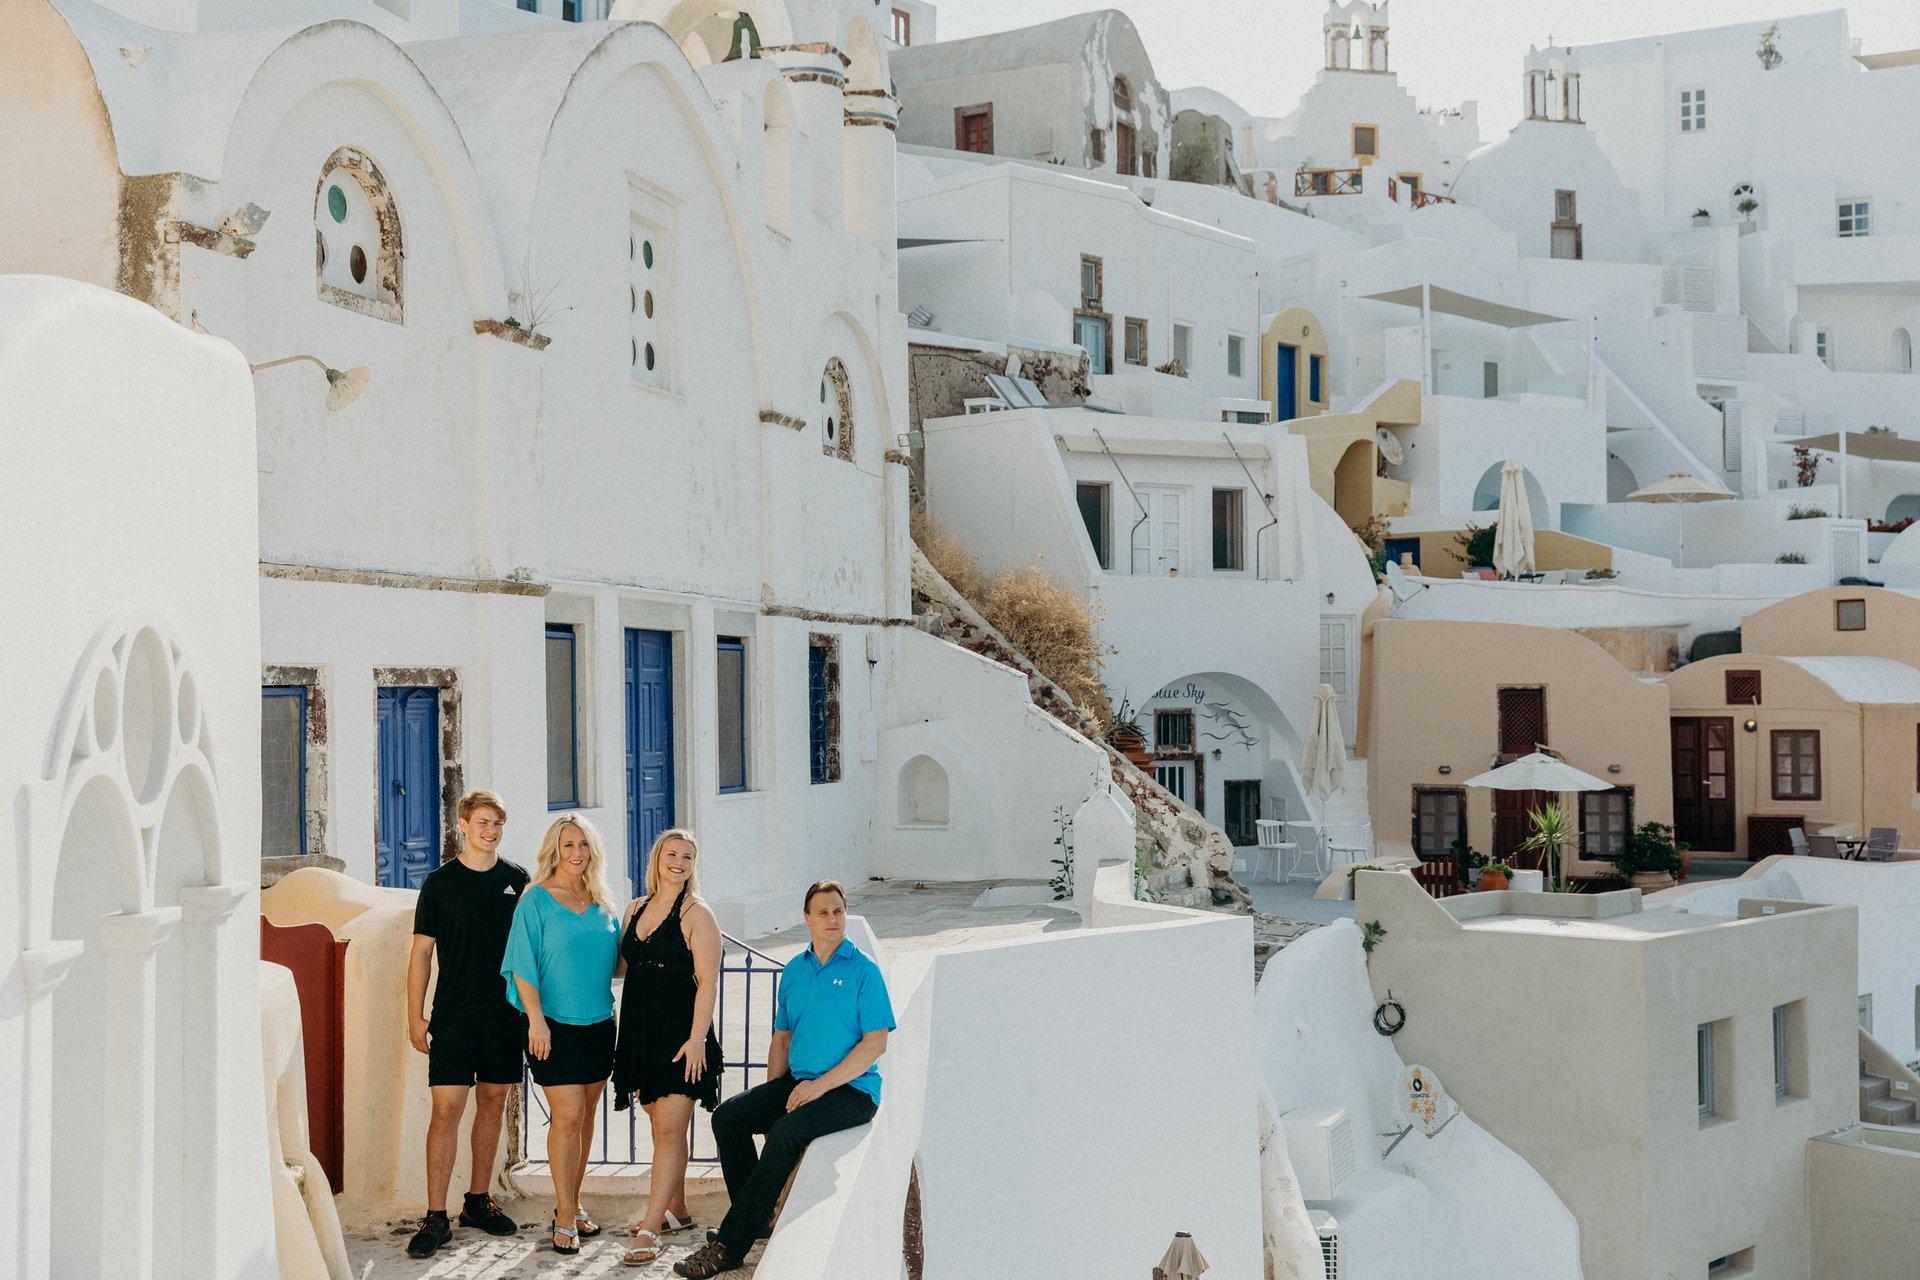 Flytographer Travel Story - Gulaskey Greek Adventure